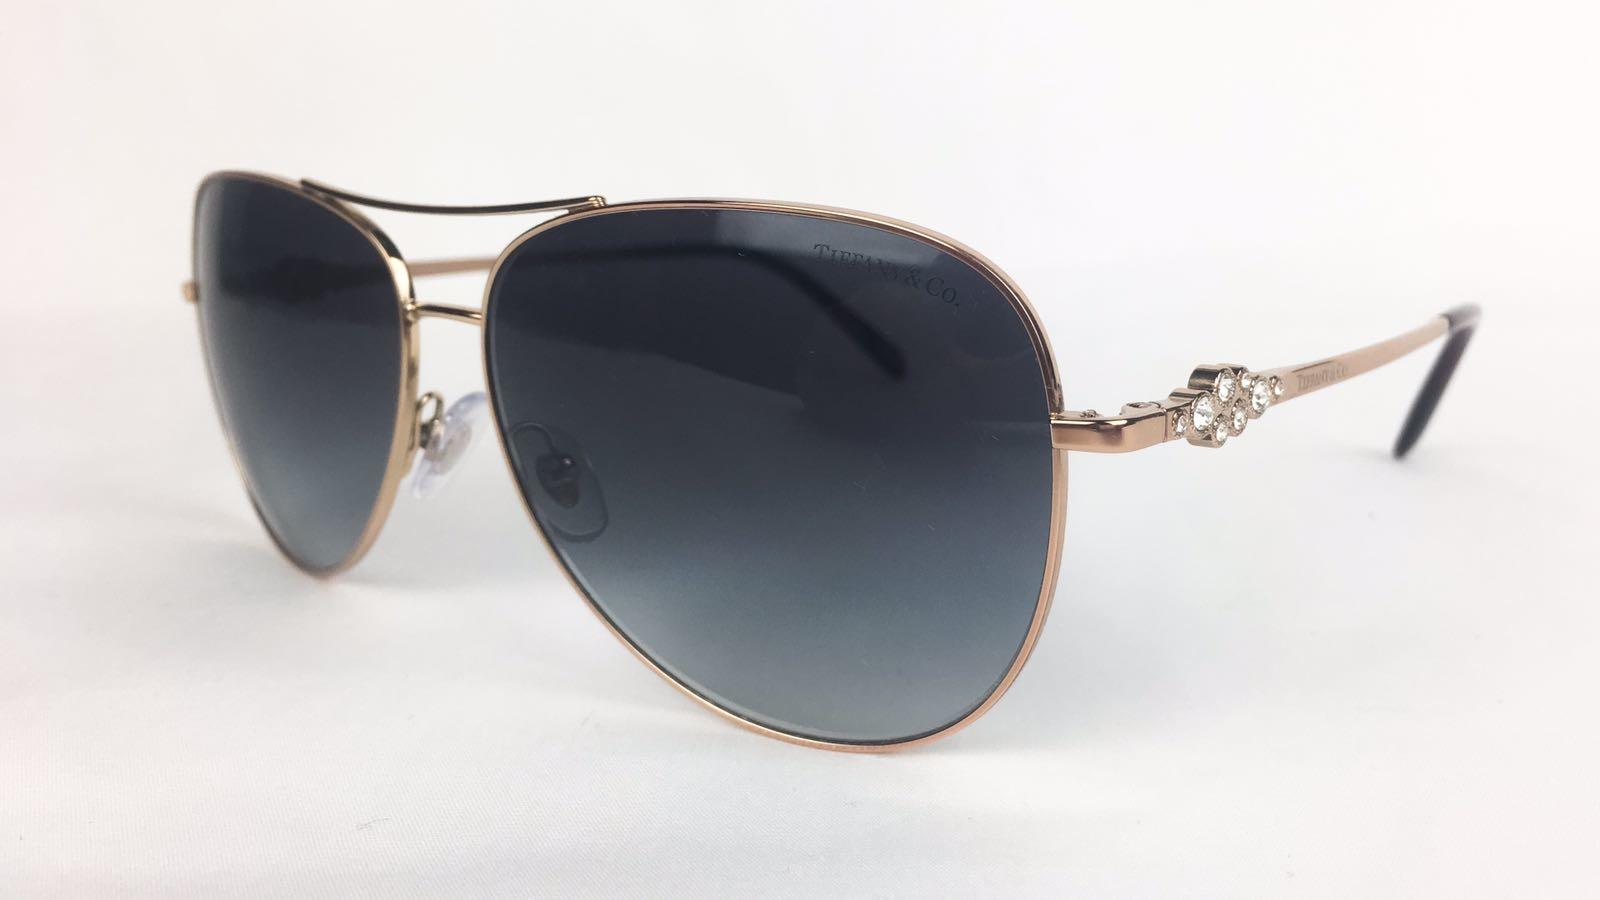 avant garde optometry in frisco tx 75034